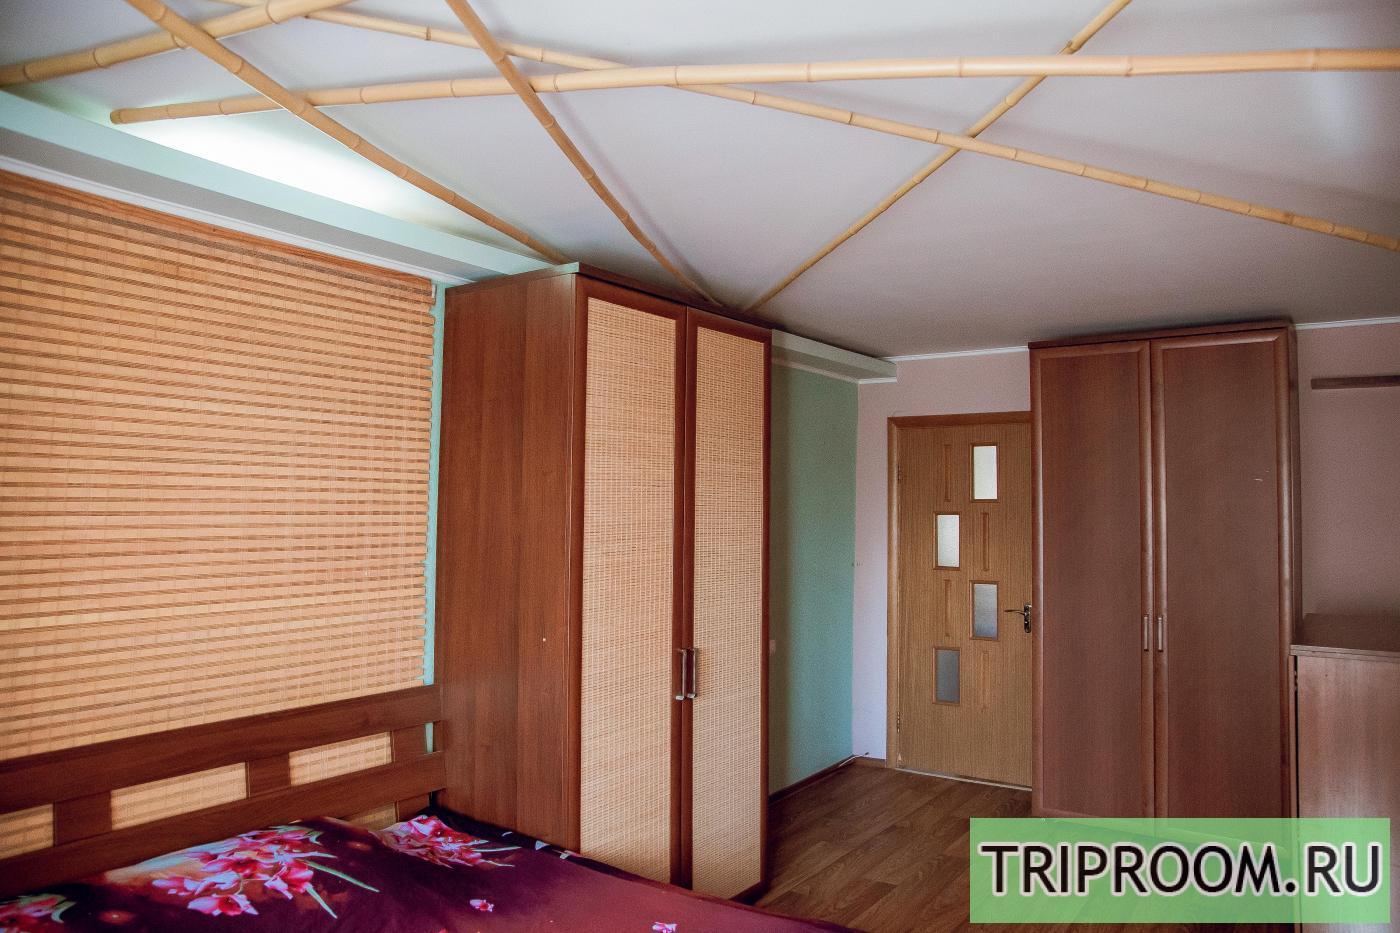 2-комнатная квартира посуточно (вариант № 10786), ул. Станкевича улица, фото № 3